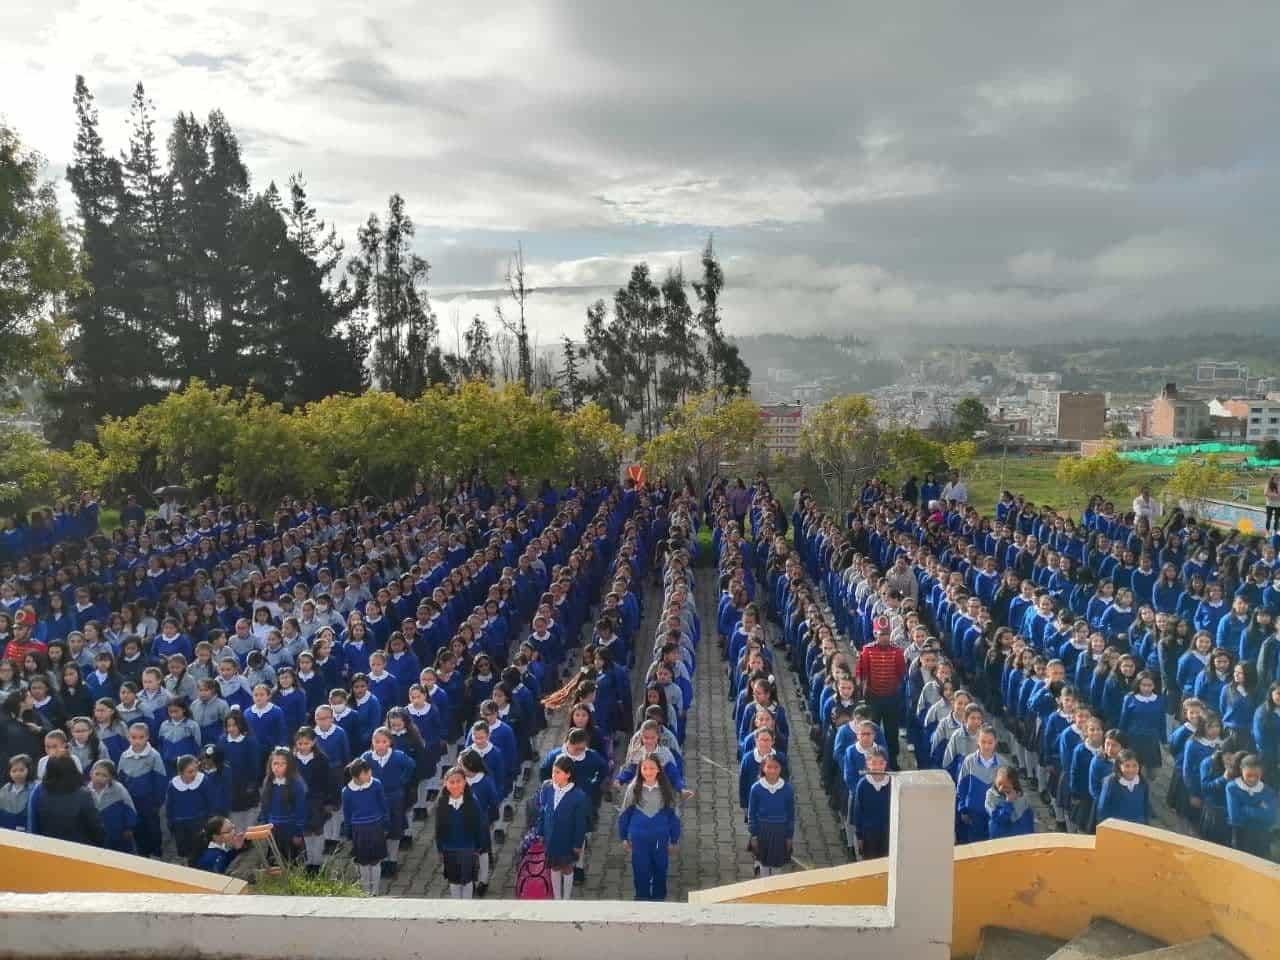 Polémica por regreso obligatorio a clases en la Normal Femenina de Tunja 2